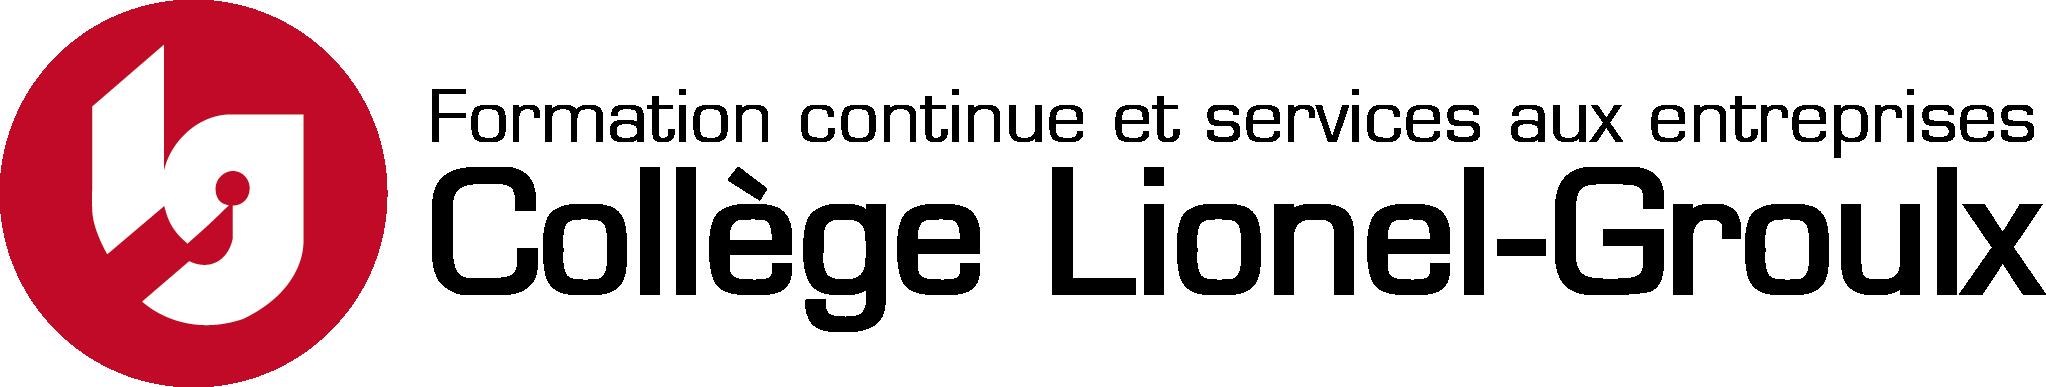 Logo-CLG_FormationContinue.png